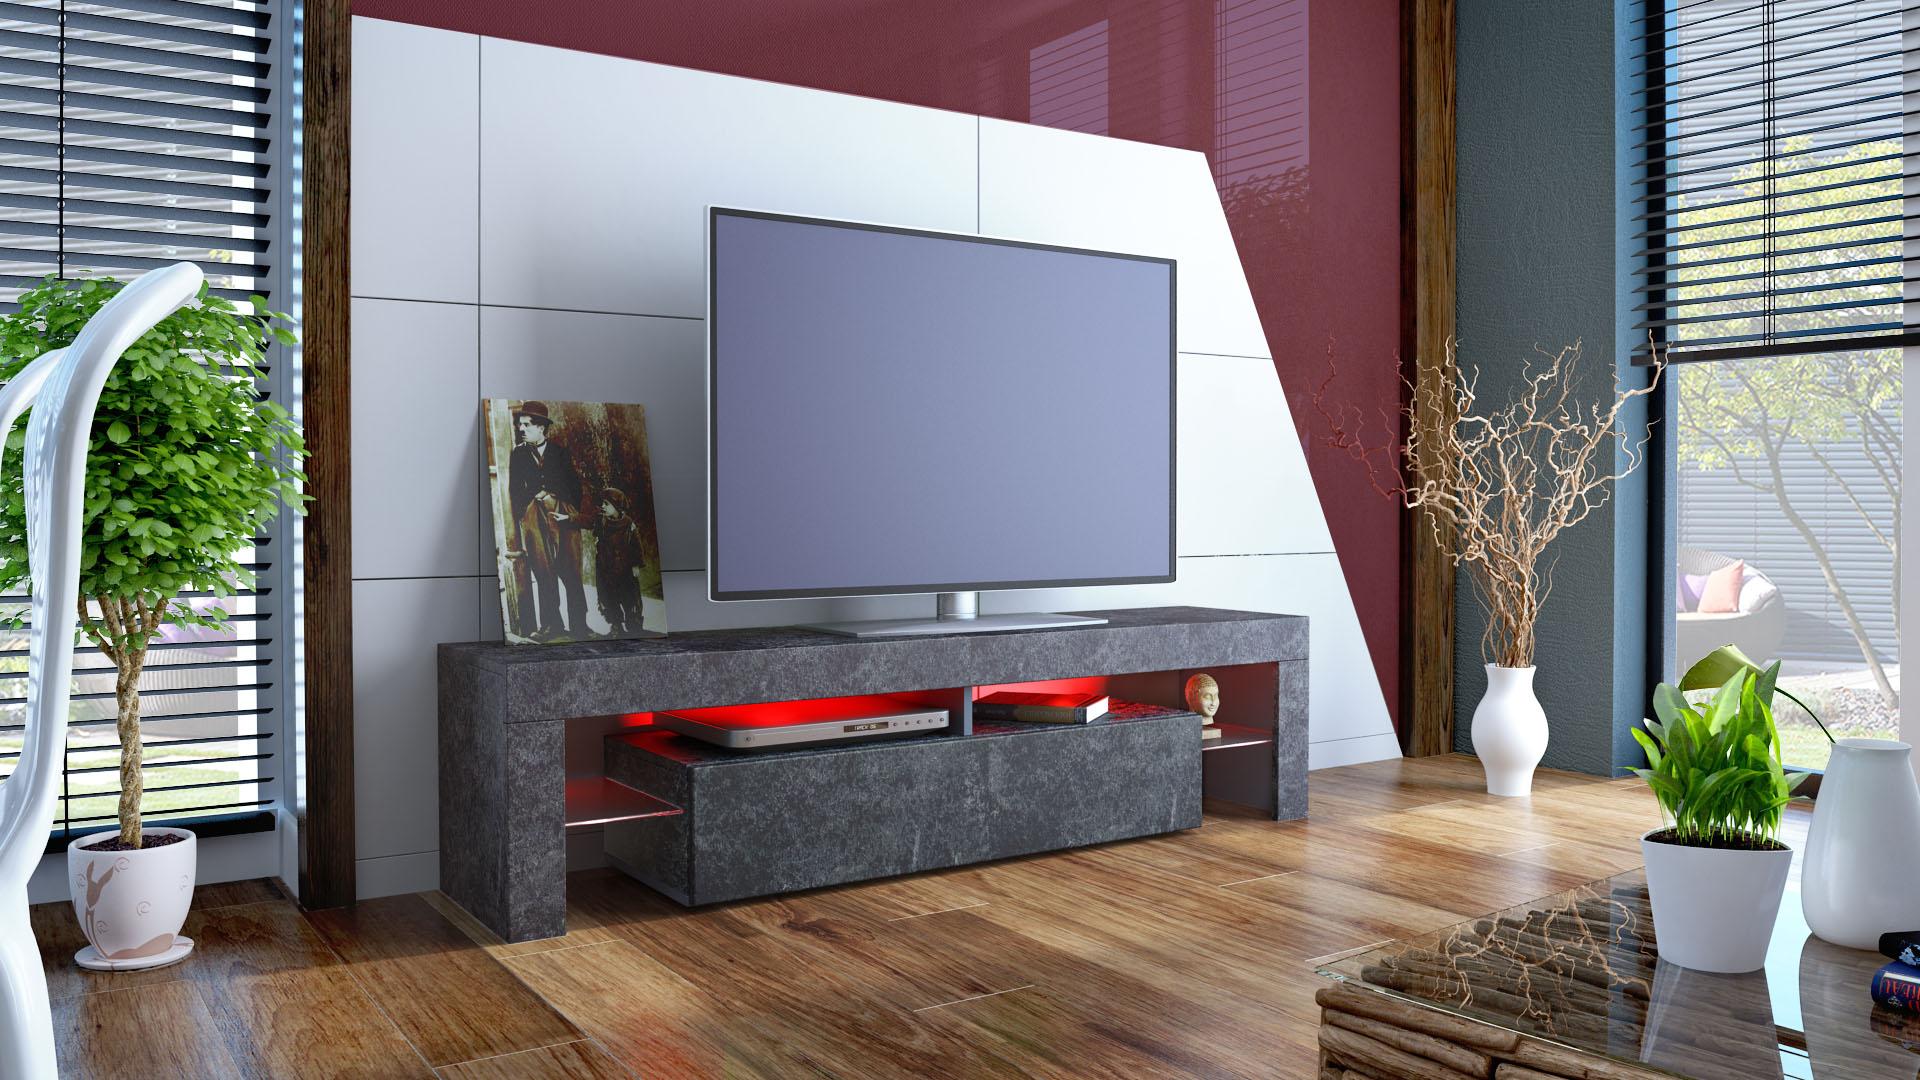 tv lowboard board fernseher schrank tisch m bel rack regal. Black Bedroom Furniture Sets. Home Design Ideas